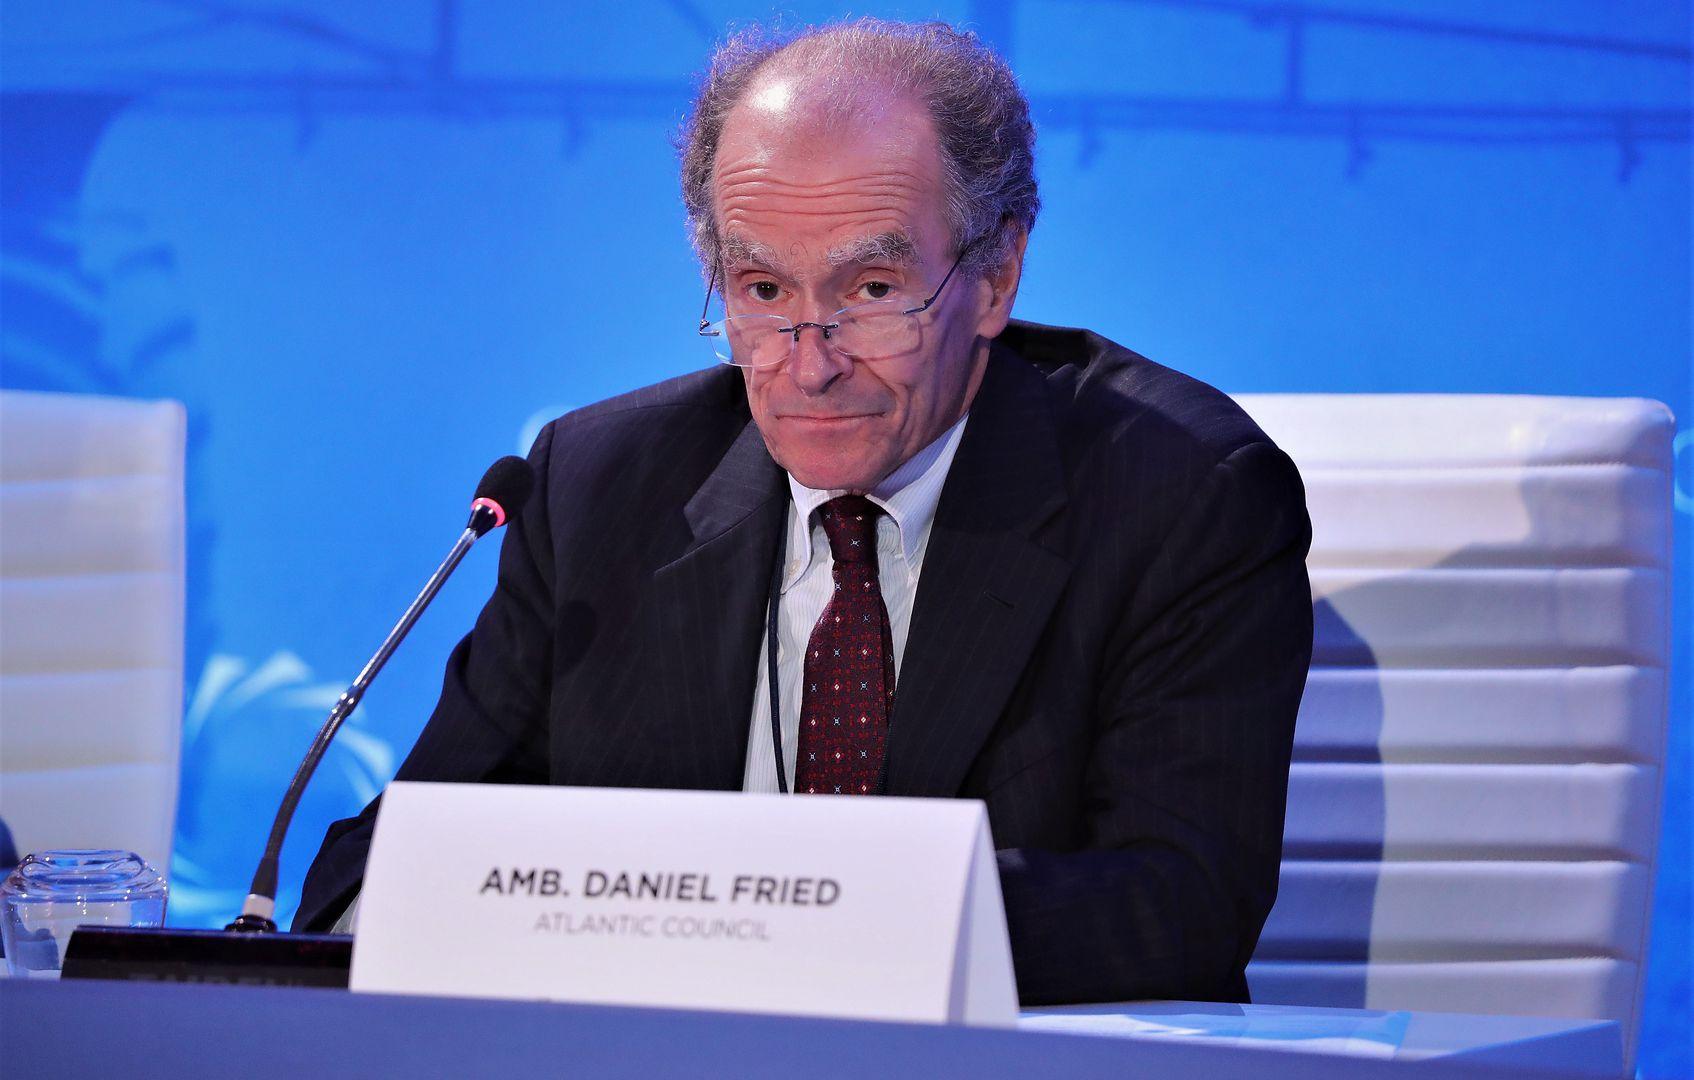 Daniel Fried, b. ambasador USA w Polsce, 2017 r., Nowy Jork, USA